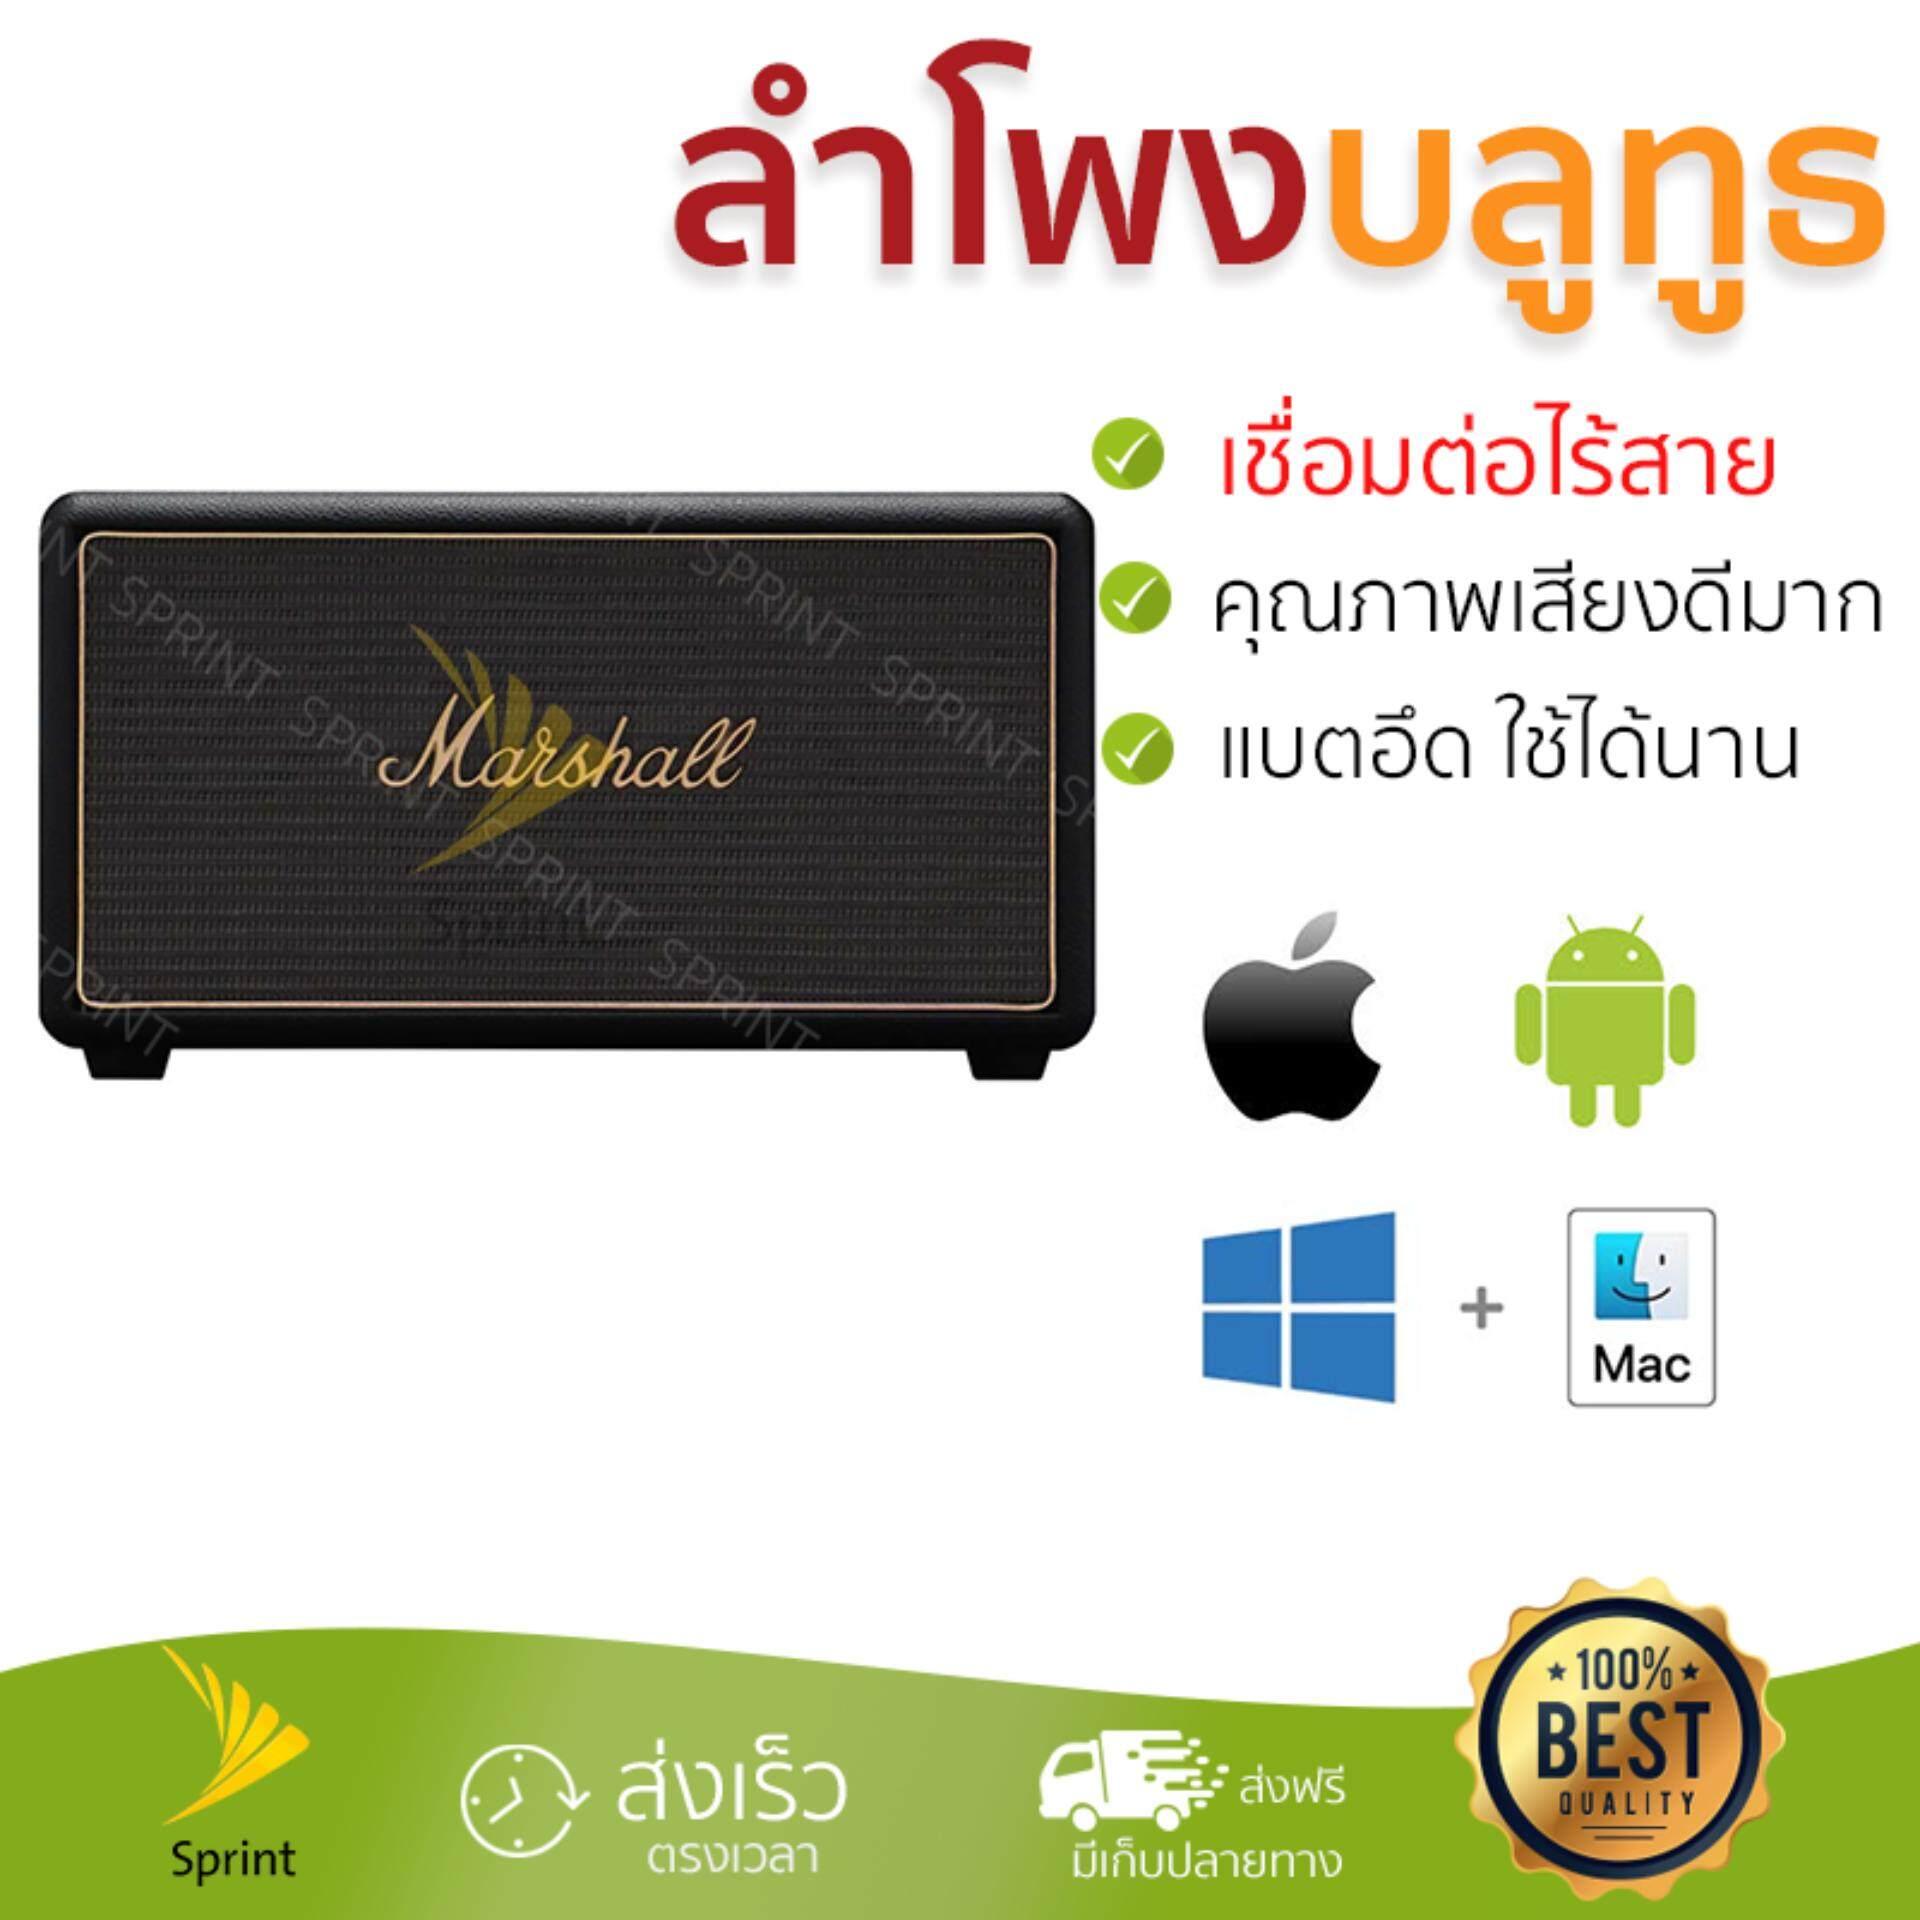 ราชบุรี จัดส่งฟรี ลำโพงบลูทูธ  Marshall Bluetooth Speaker 2.1 Stanmore Multi-Room Black เสียงใส คุณภาพเกินตัว Wireless Bluetooth Speaker รับประกัน 1 ปี